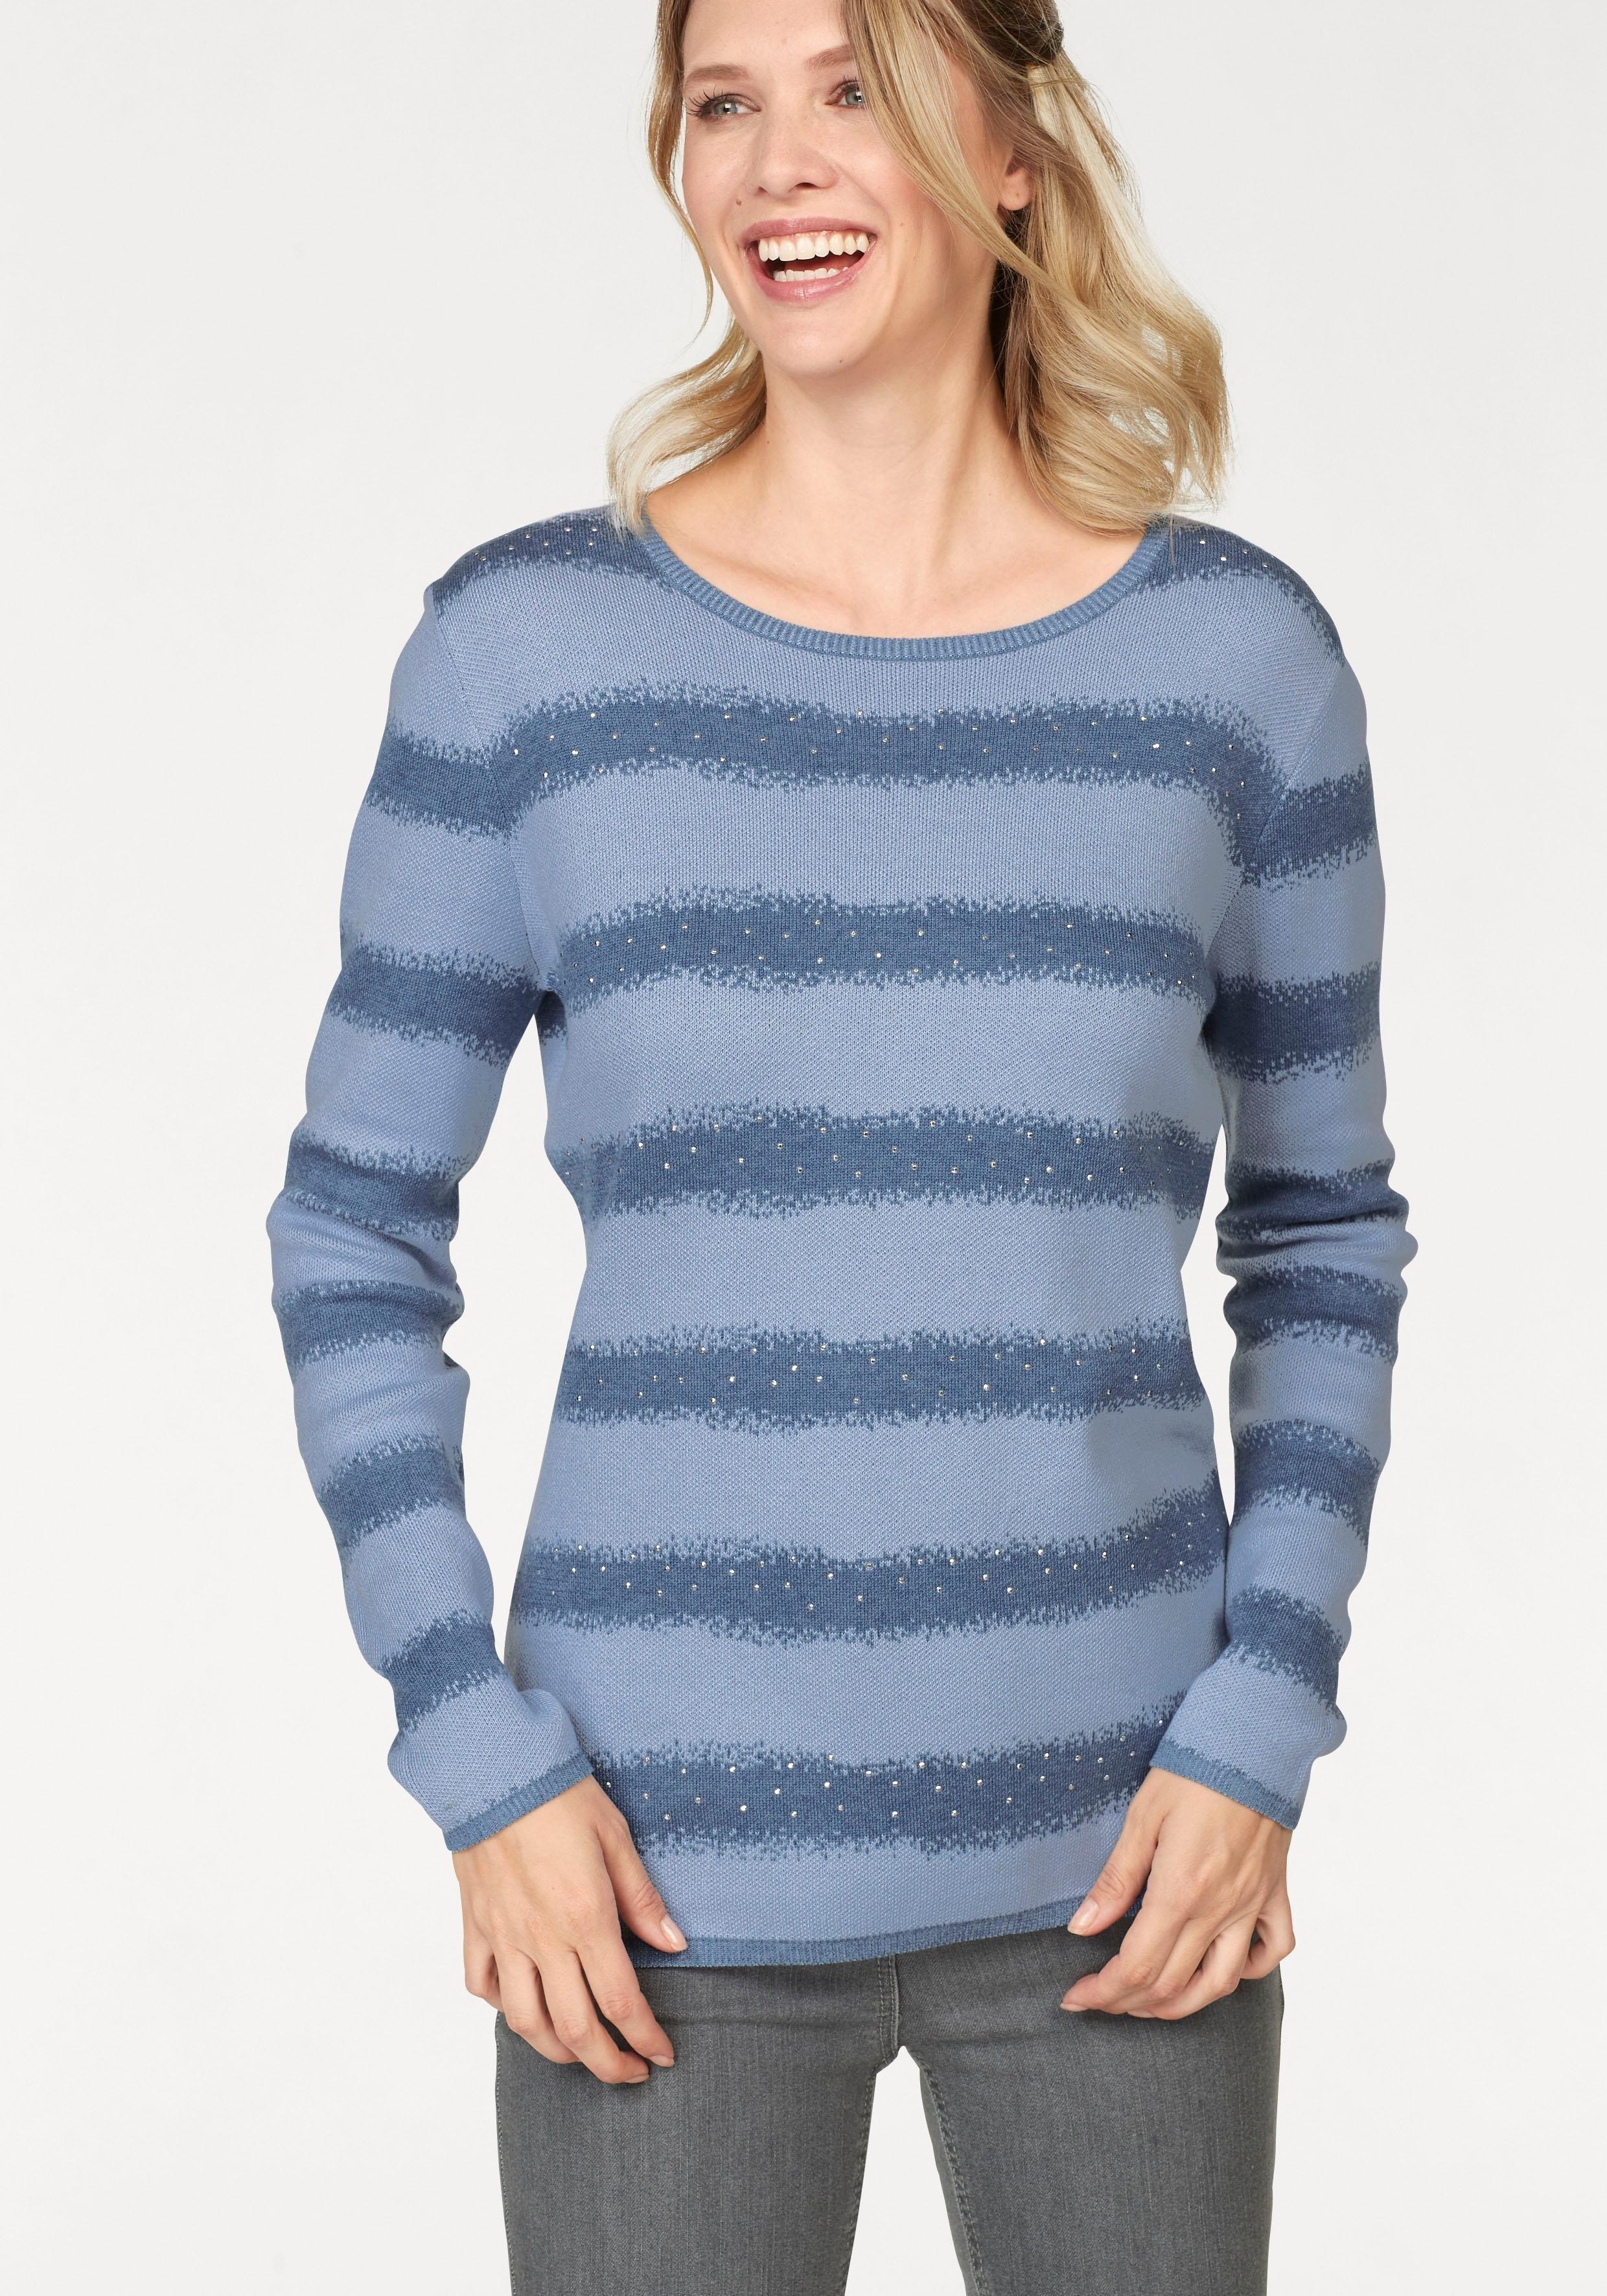 Cheer gestreepte trui bestellen: 14 dagen bedenktijd